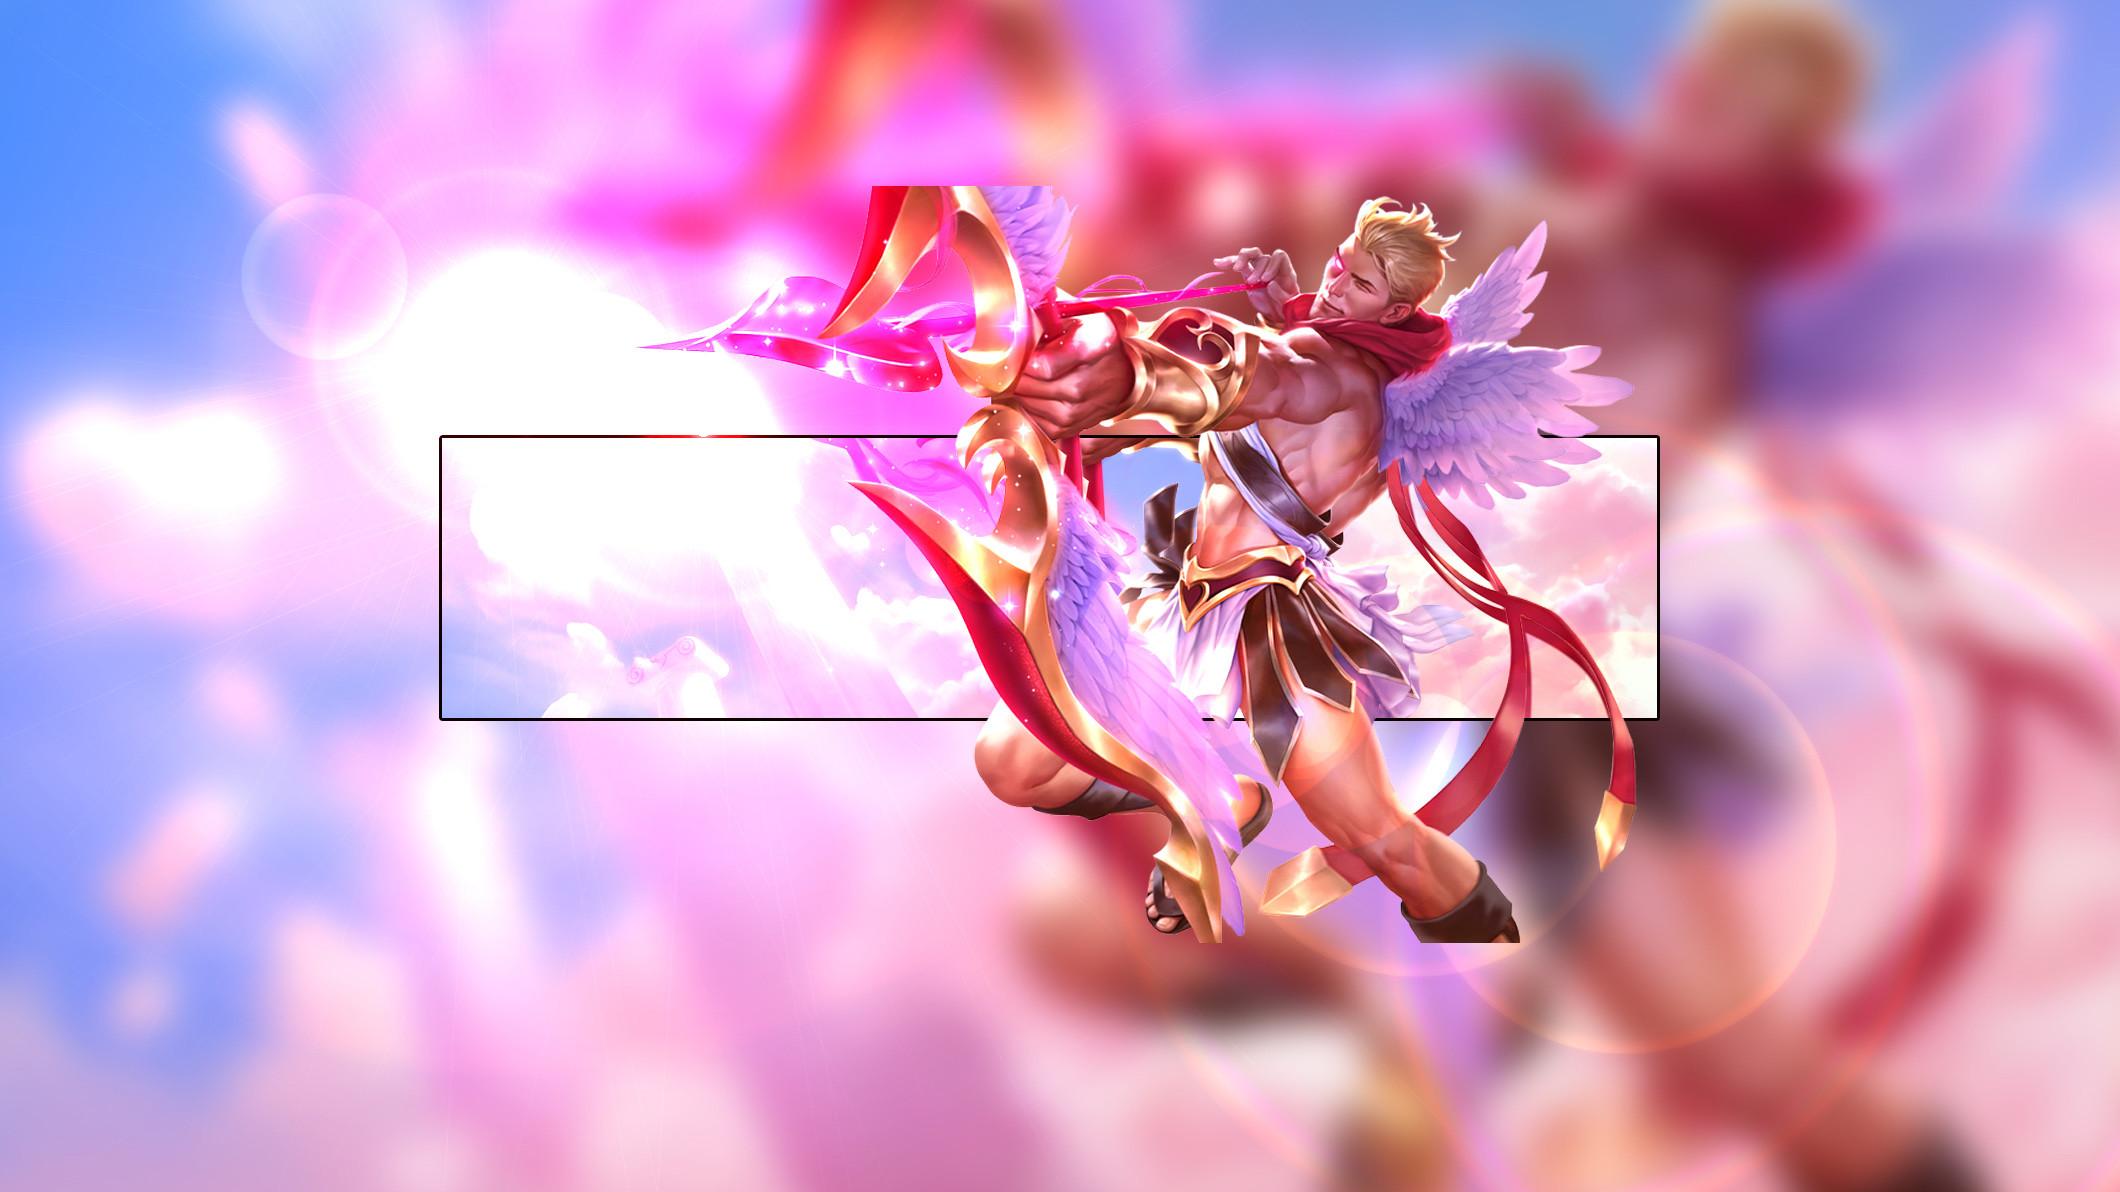 Heartseeker Varus by Insane HD Wallpaper Fan Art Artwork League of Legends  lol